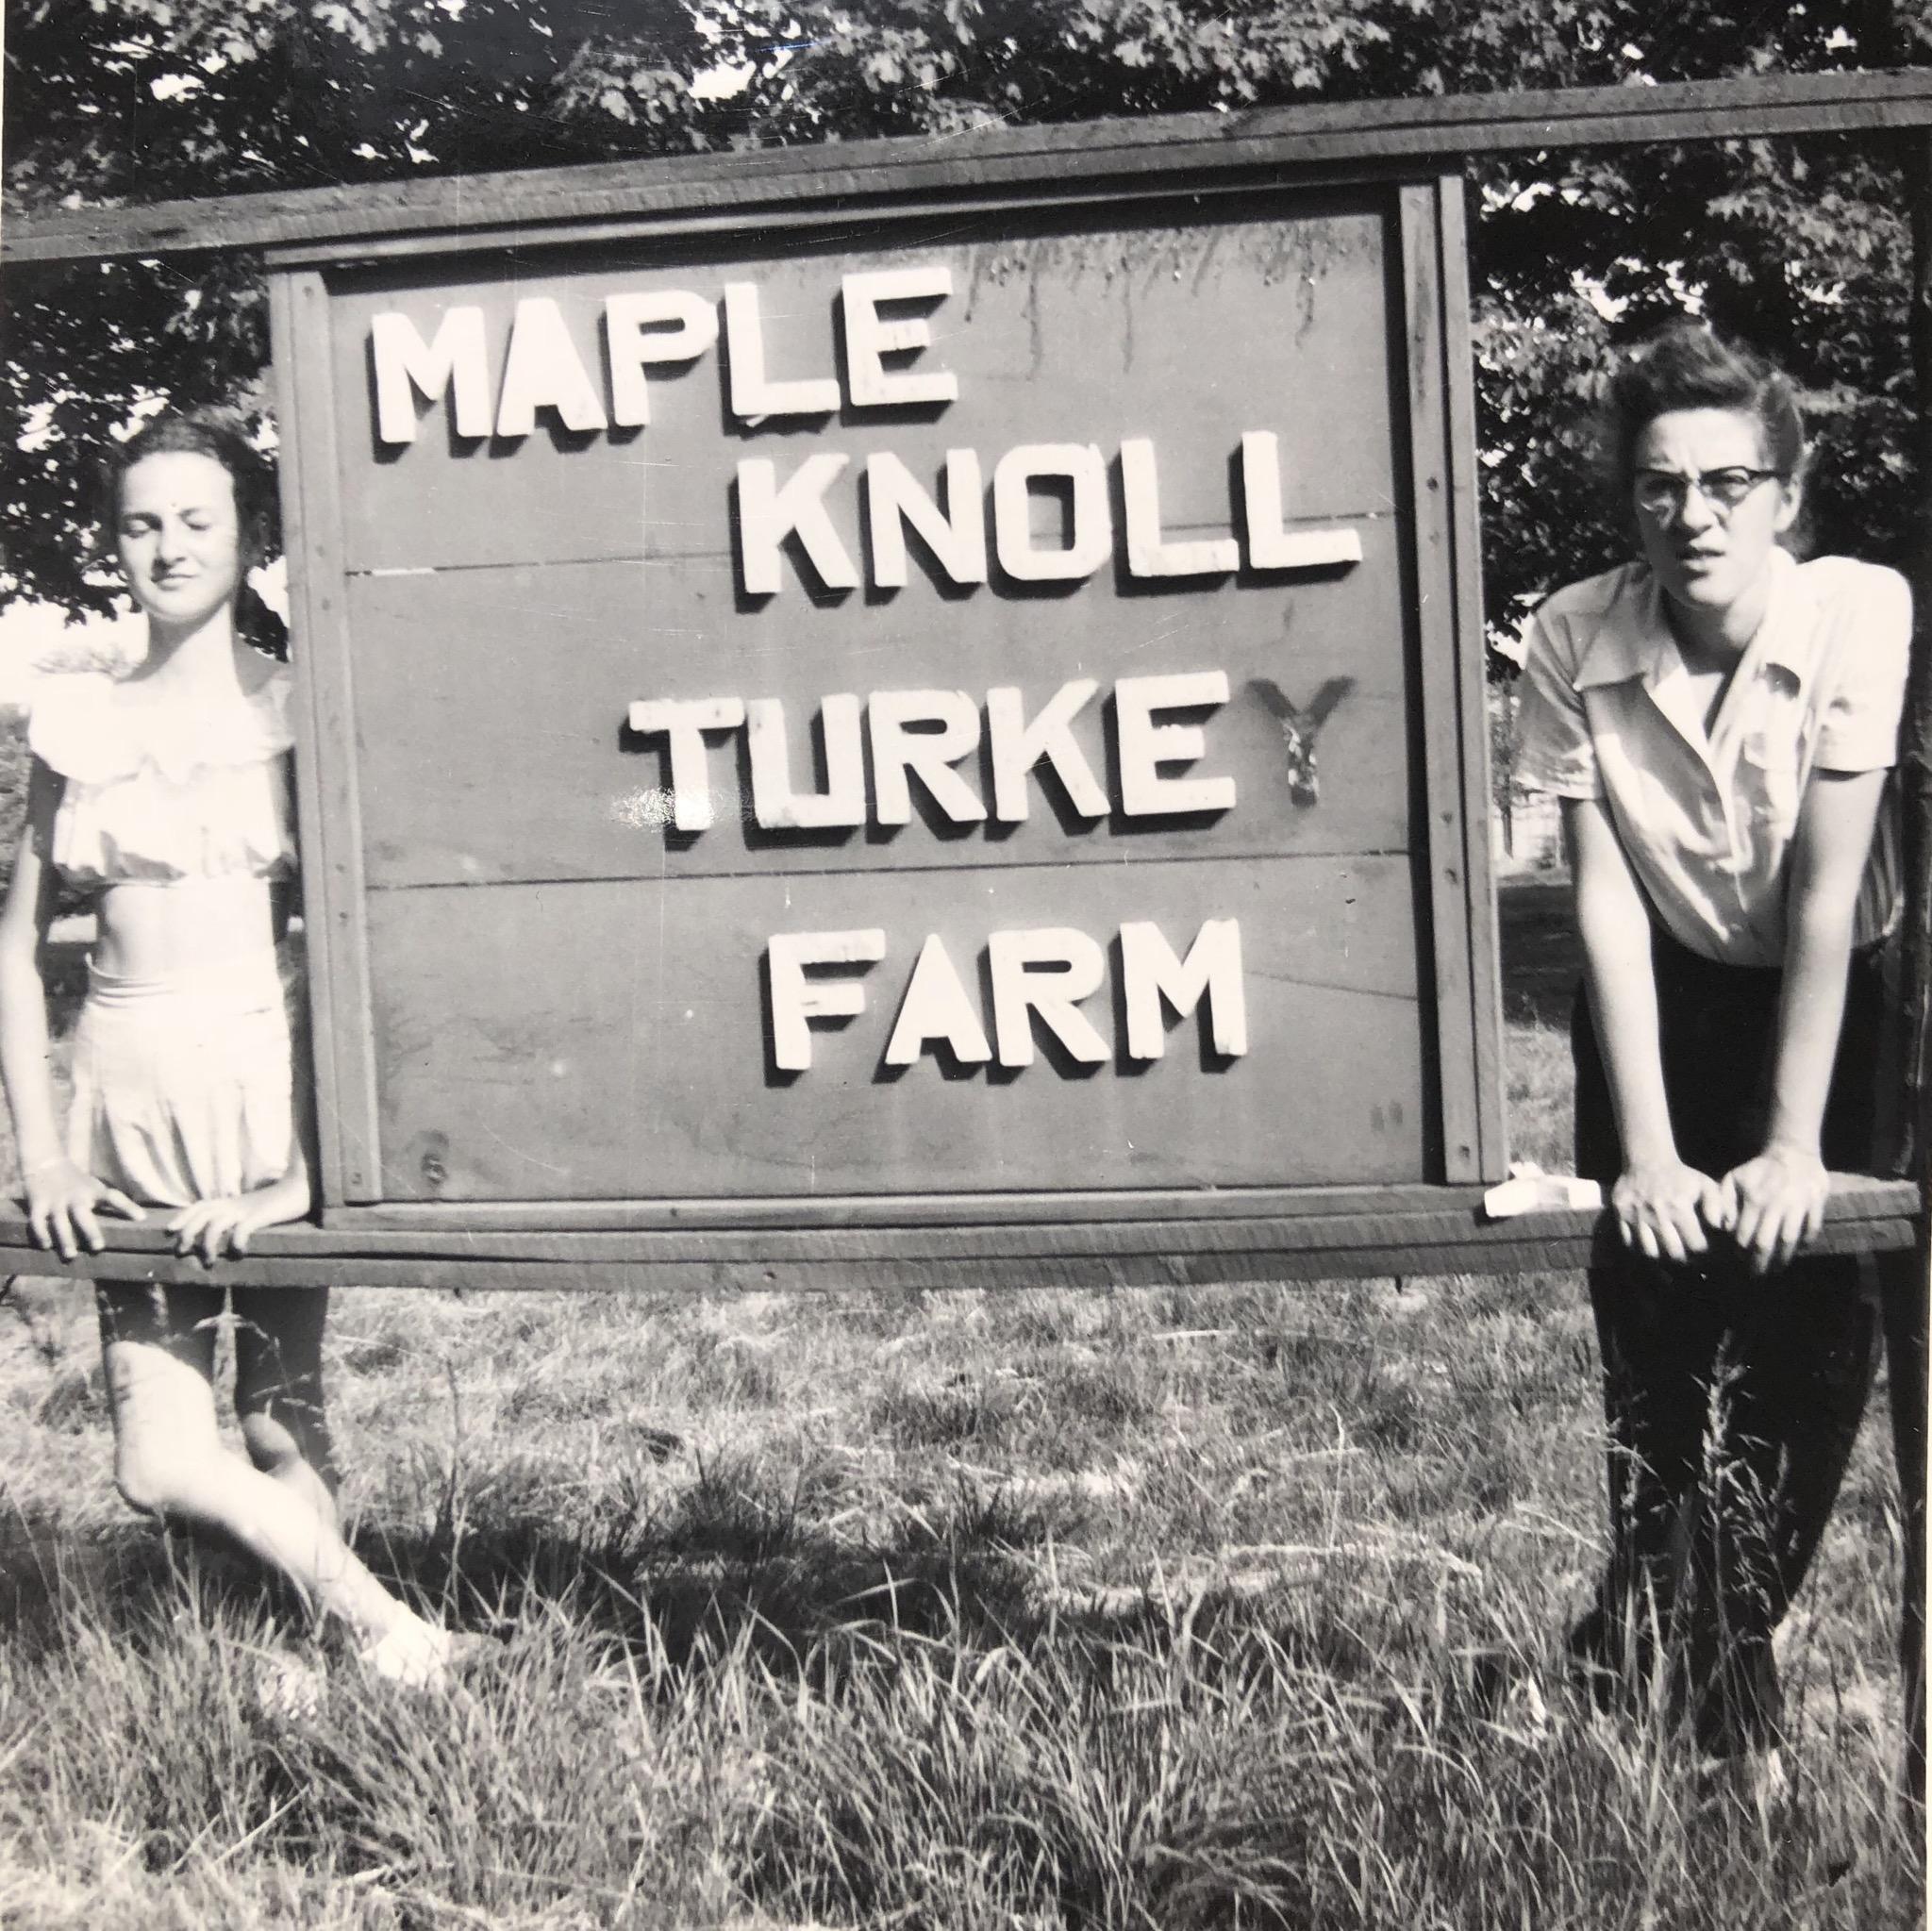 Maple Knoll Turkey Farm sign. Marie on the right. Burlington, MA